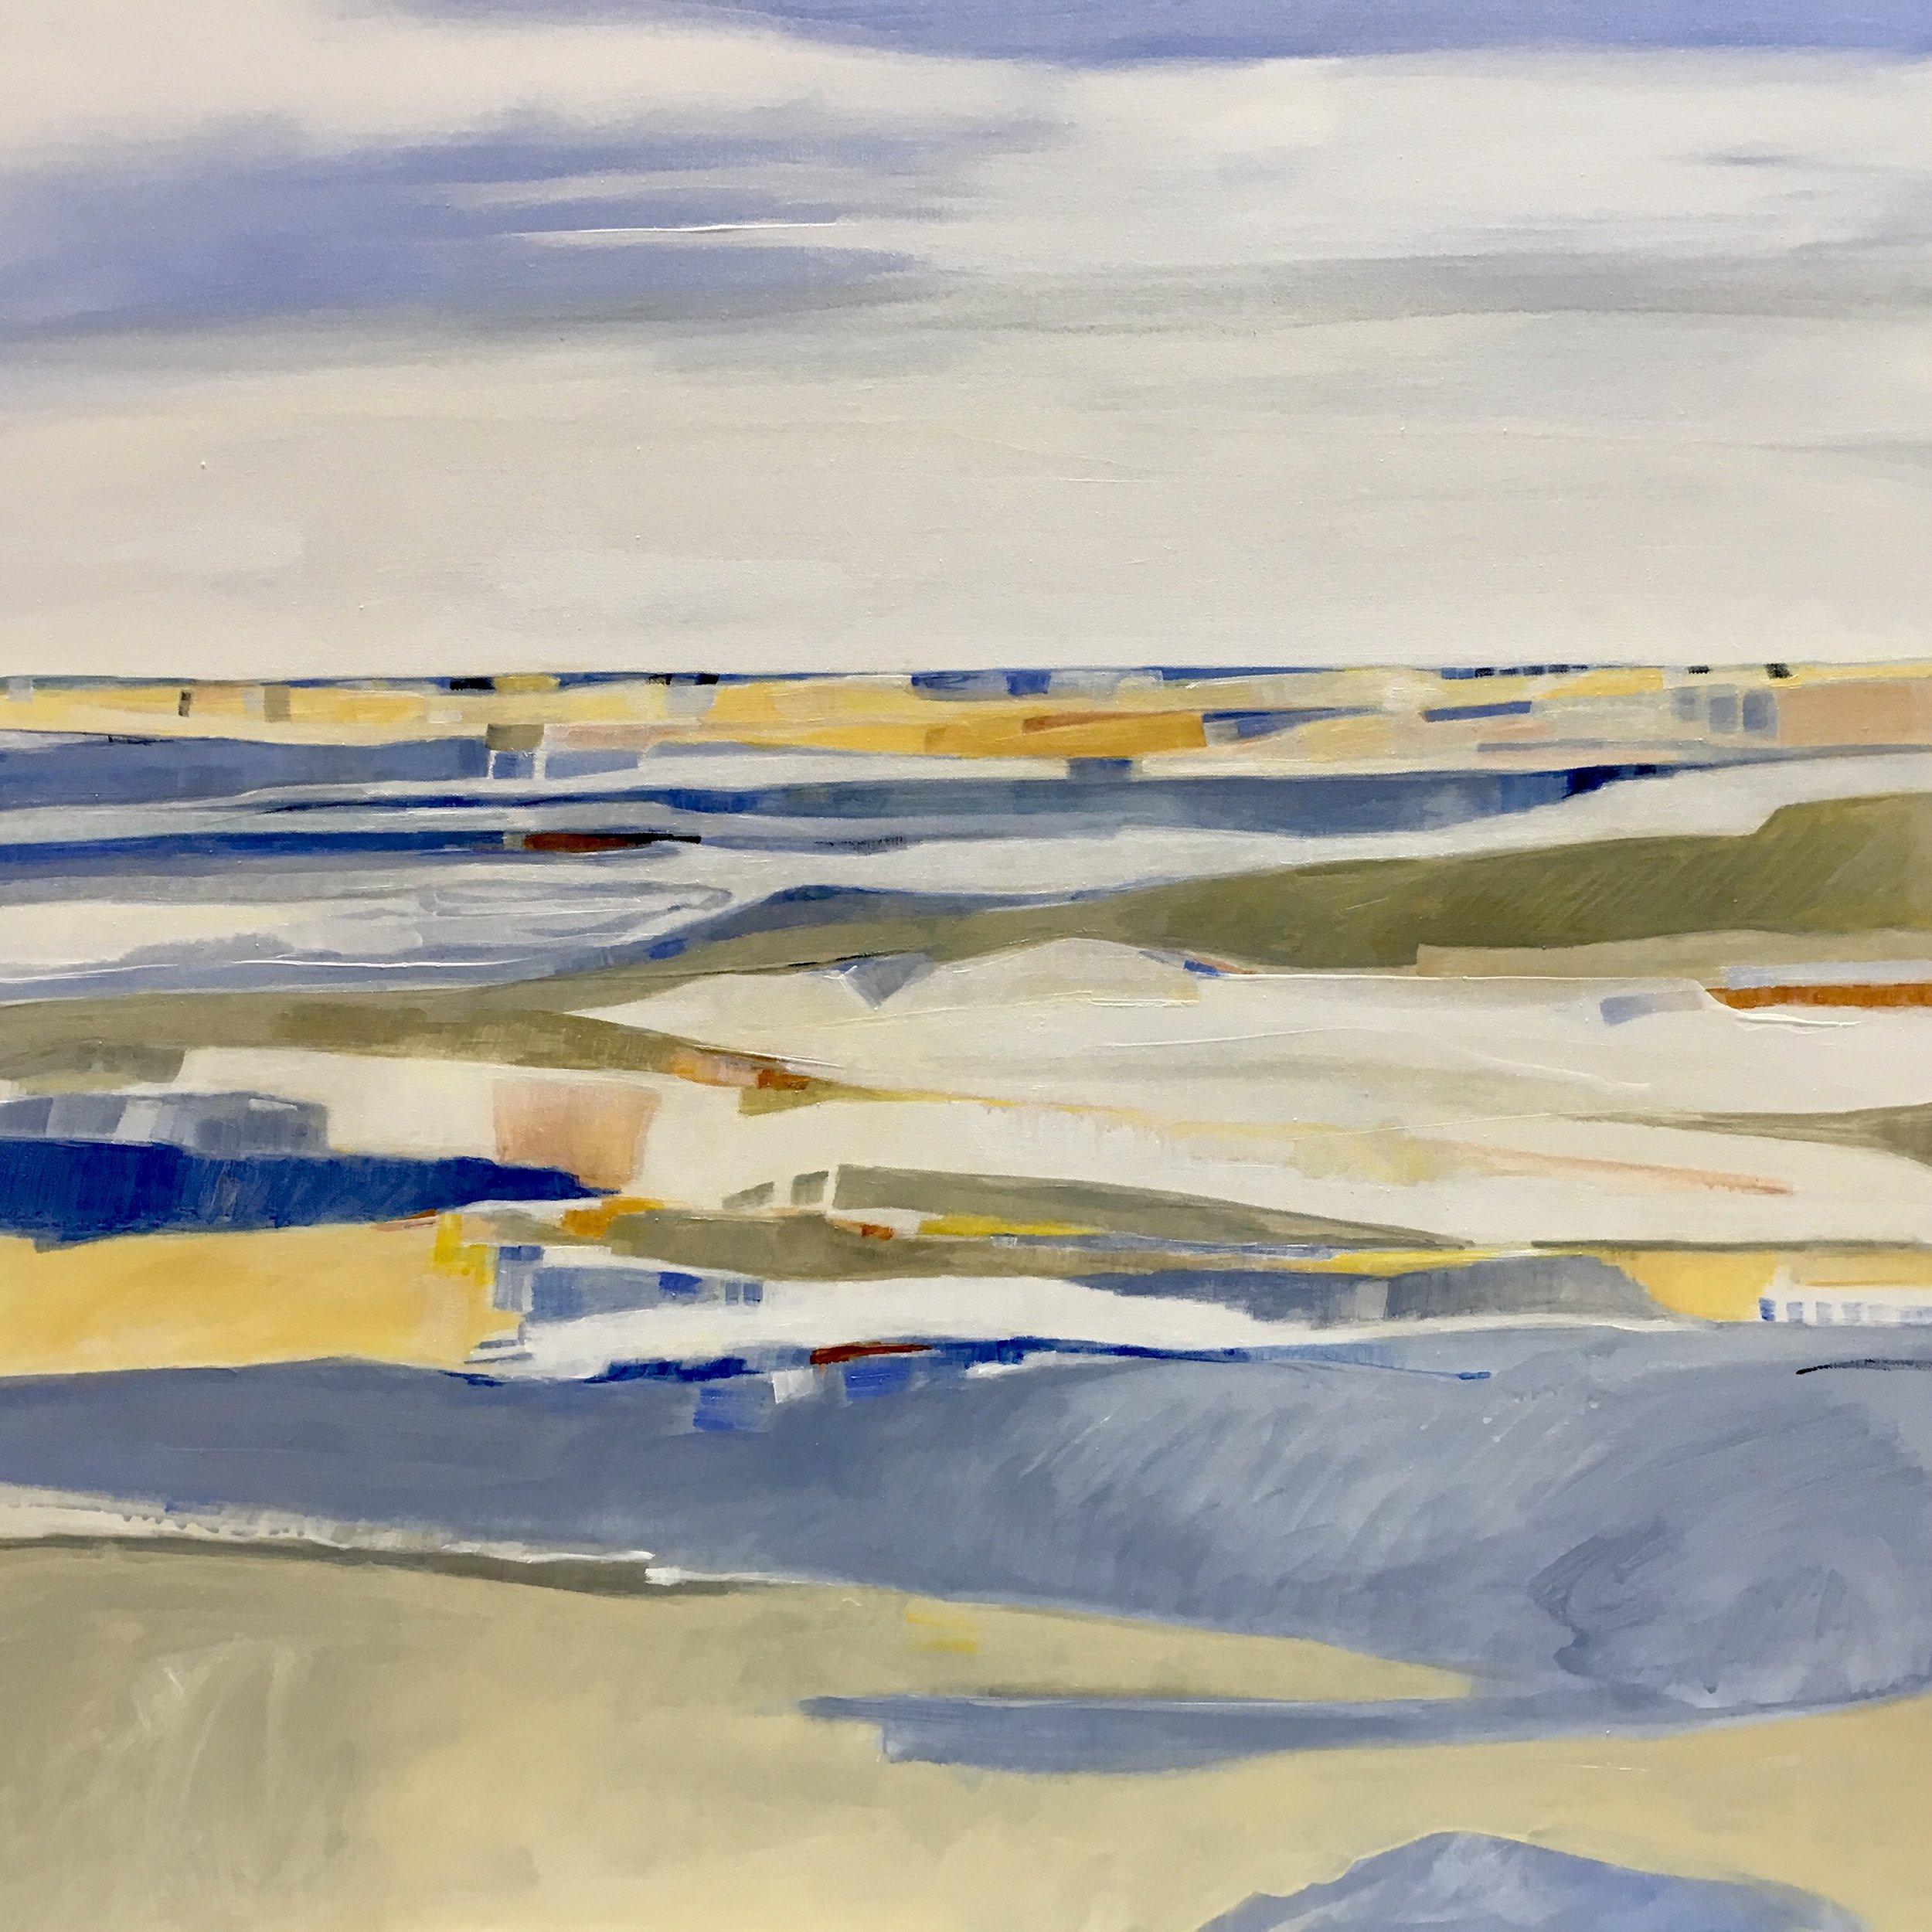 Salt Air #2, Acrylic on Canvas, 36 x 36